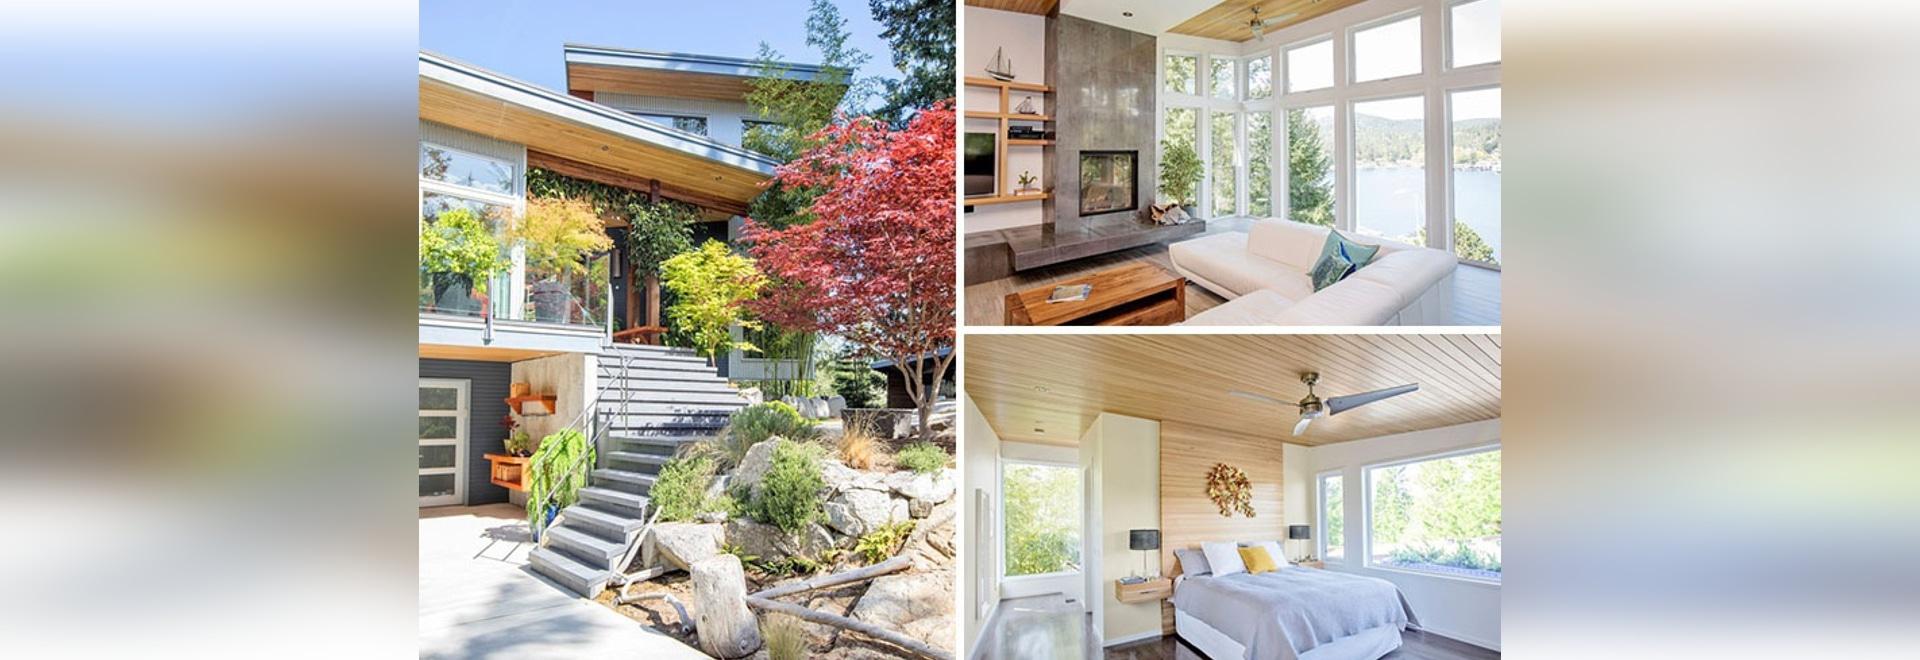 Cliff House par UNE architecture + intérieurs de GRAINE